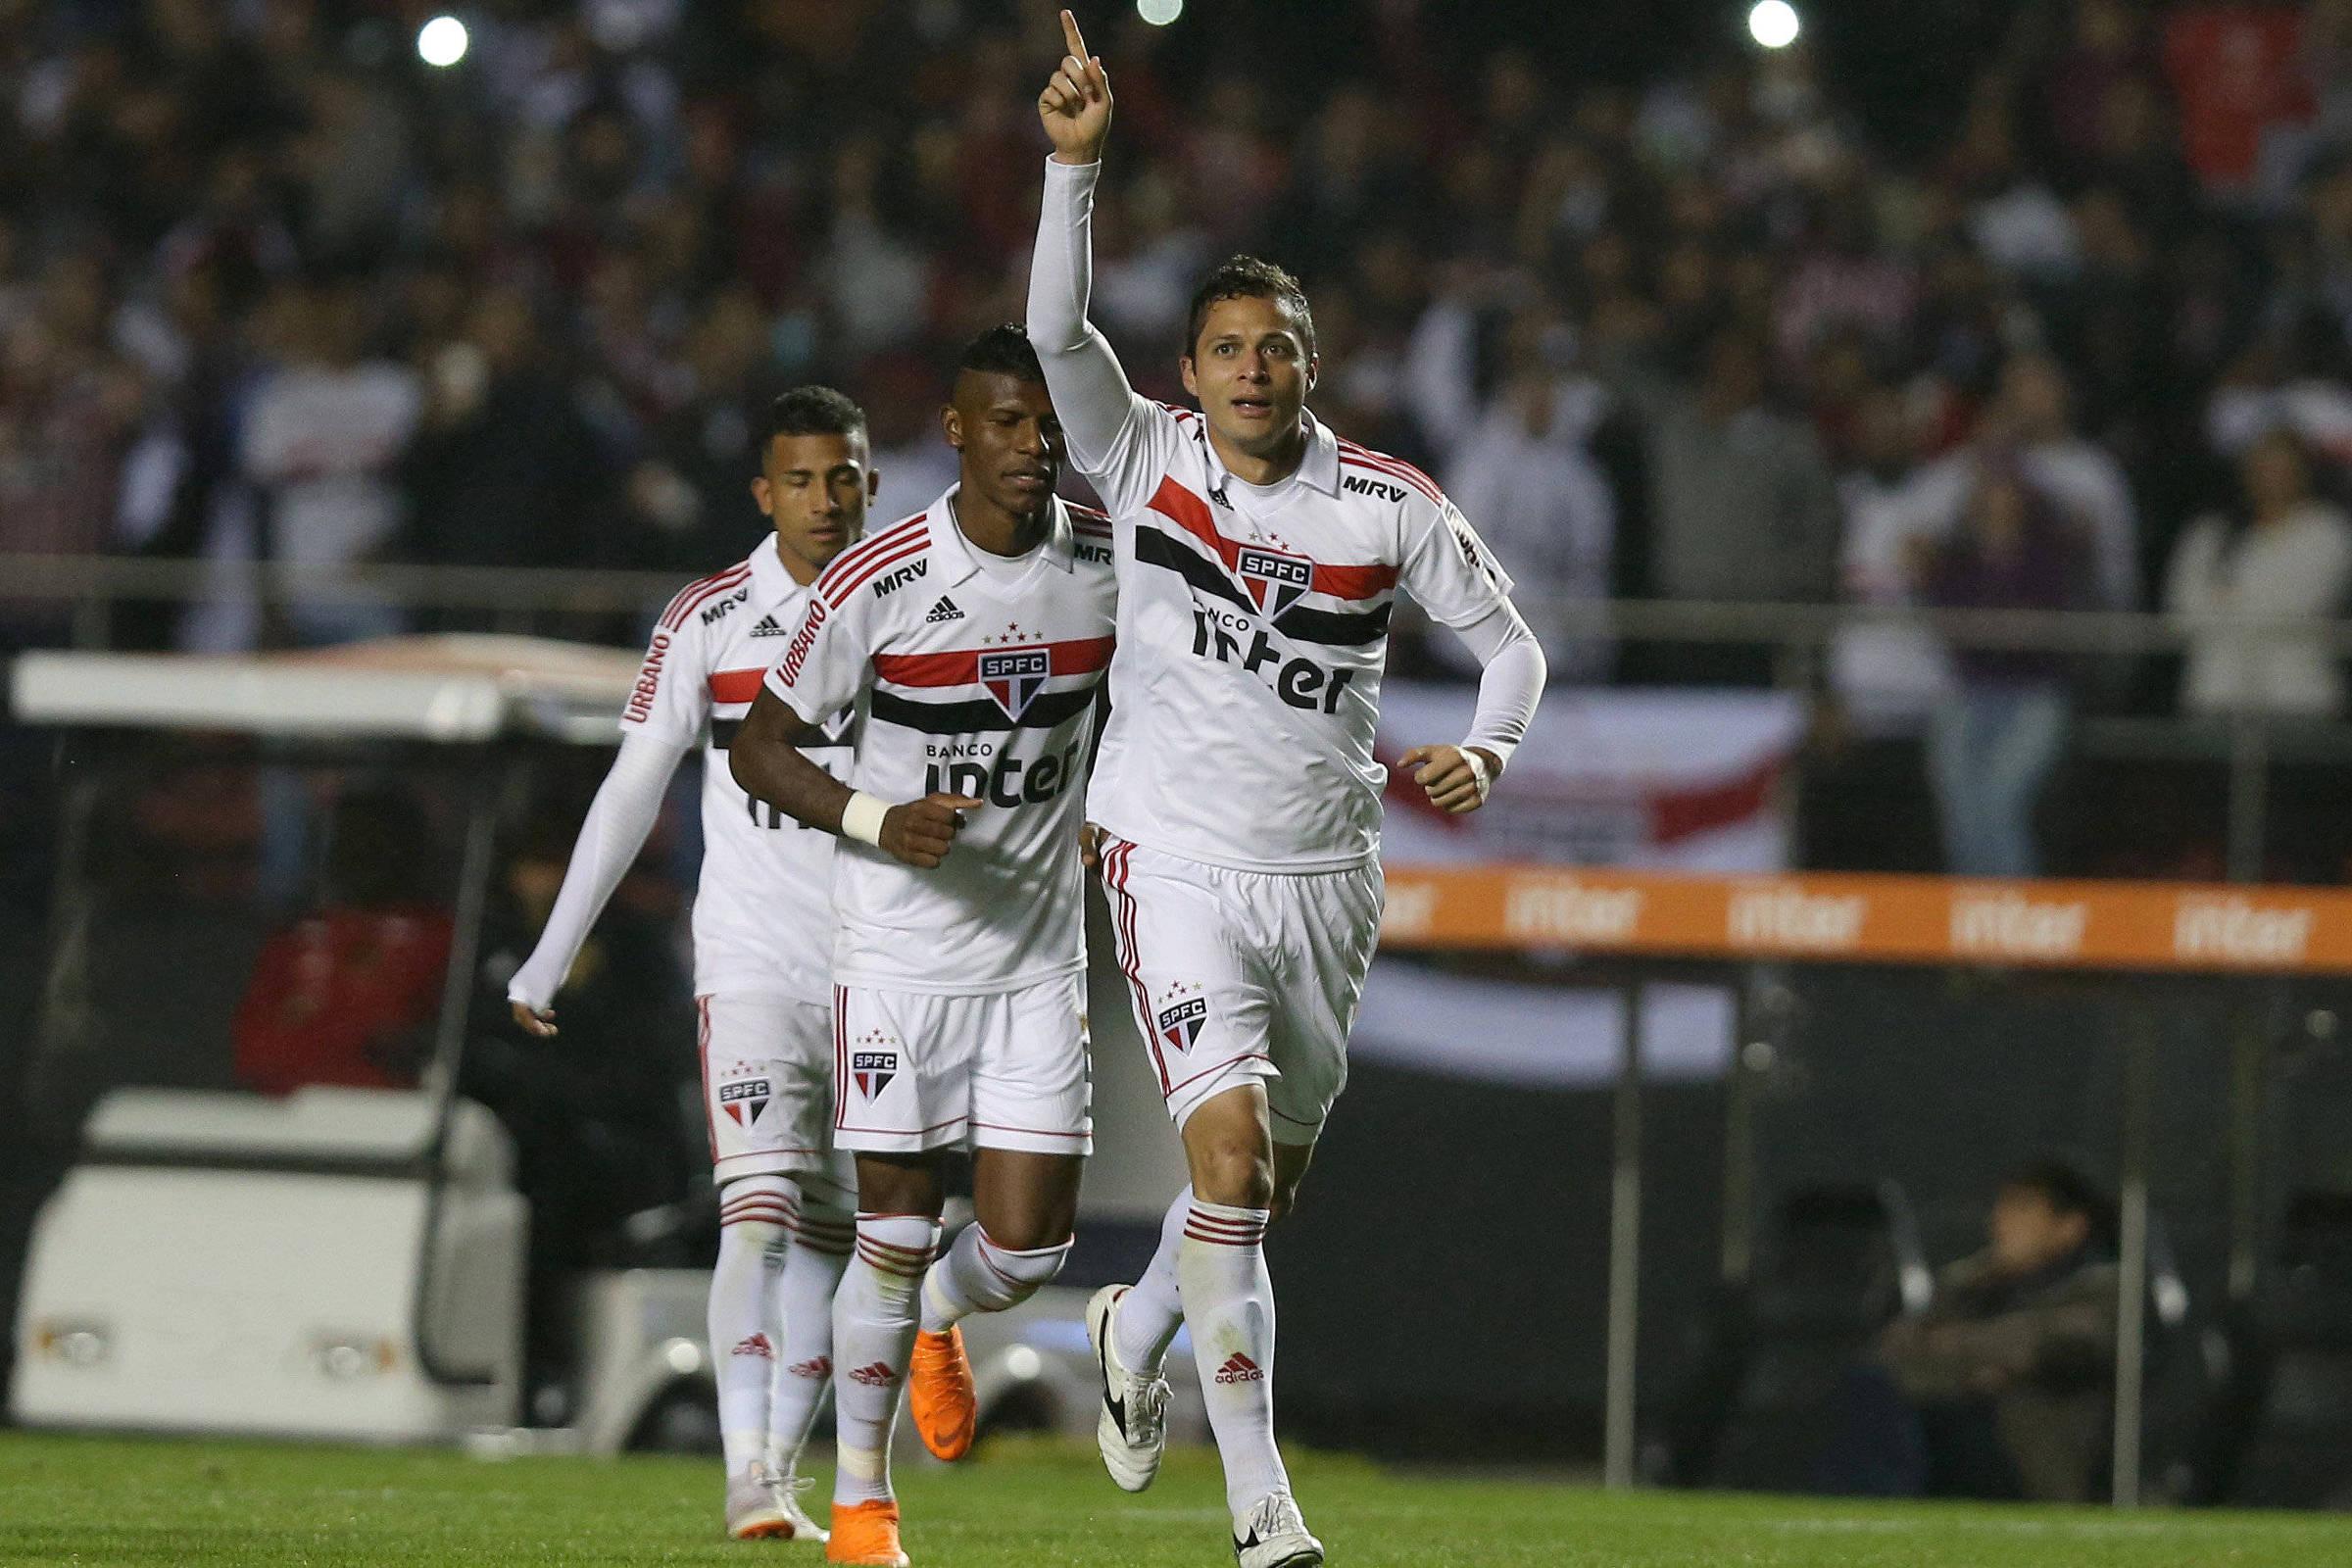 Reinaldo faz dois gols e São Paulo vence Corinthians no Morumbi -  21 07 2018 - Esporte - Folha 7e08ed01e8d61